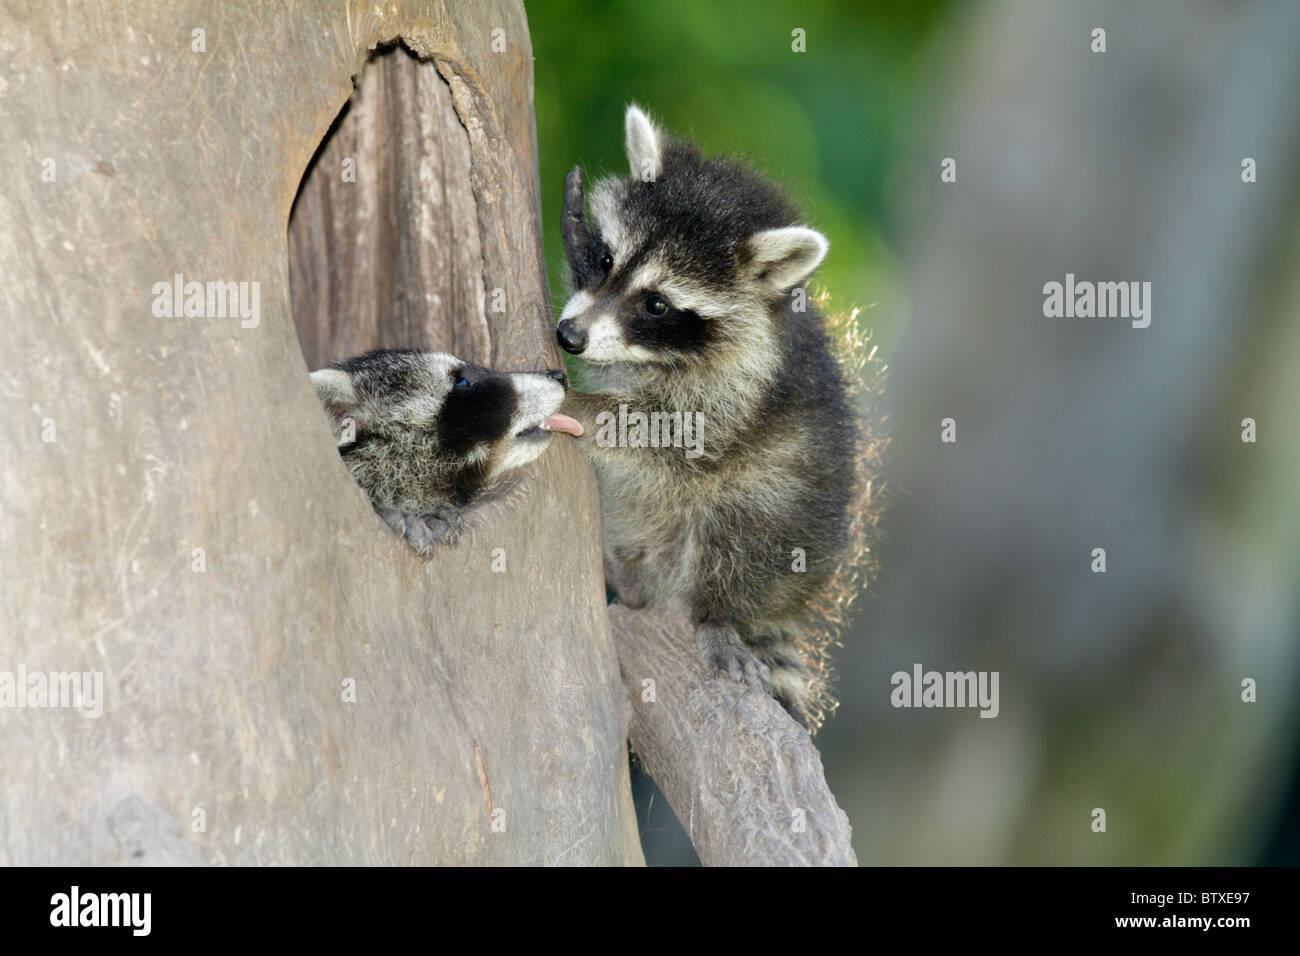 Mapache (Procyon lotor), dos crías de animales jugando en den entrada, Alemania Imagen De Stock